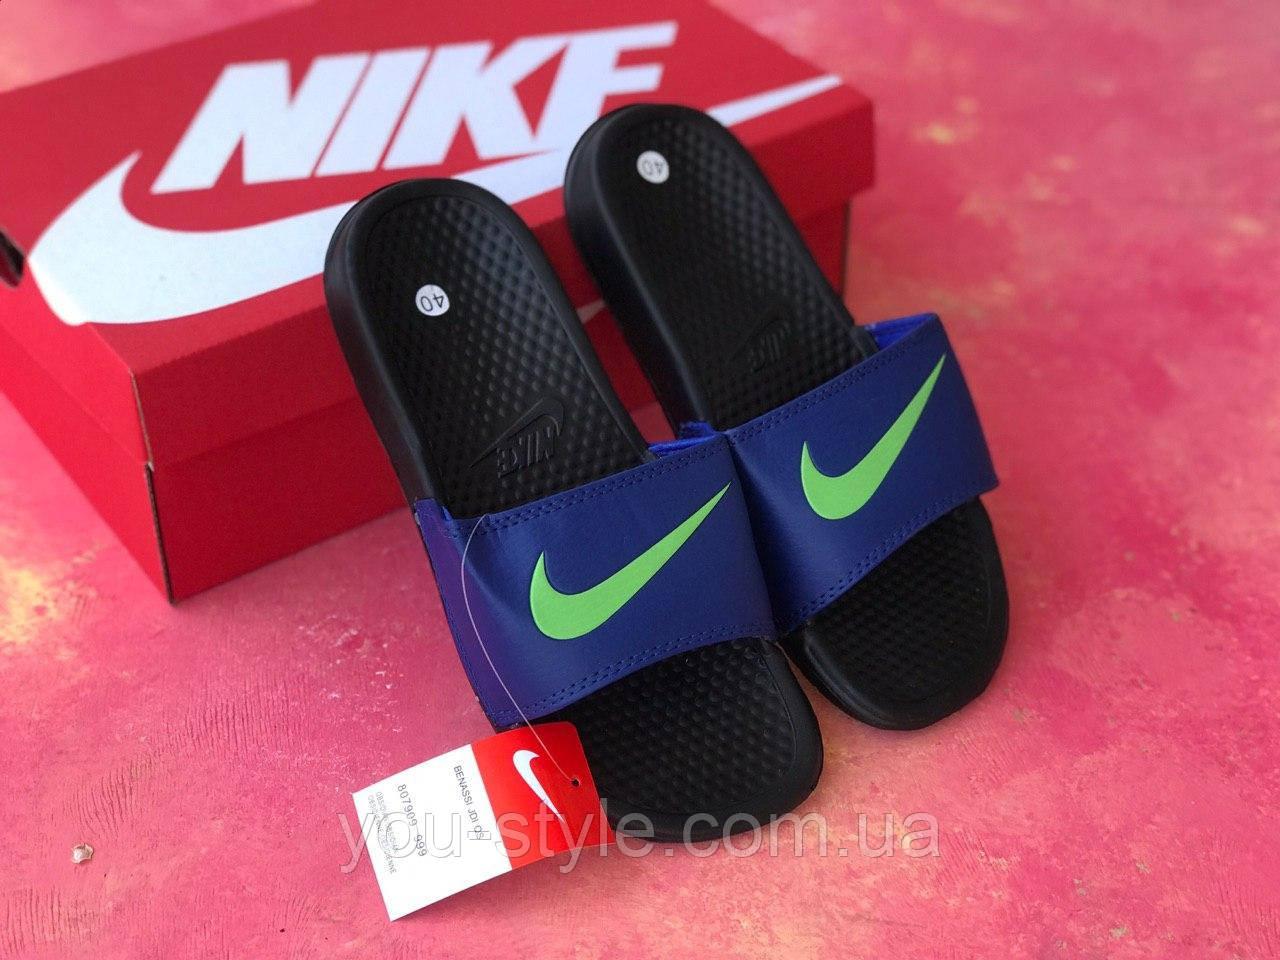 Сланцы/шлепки Nike(синие)